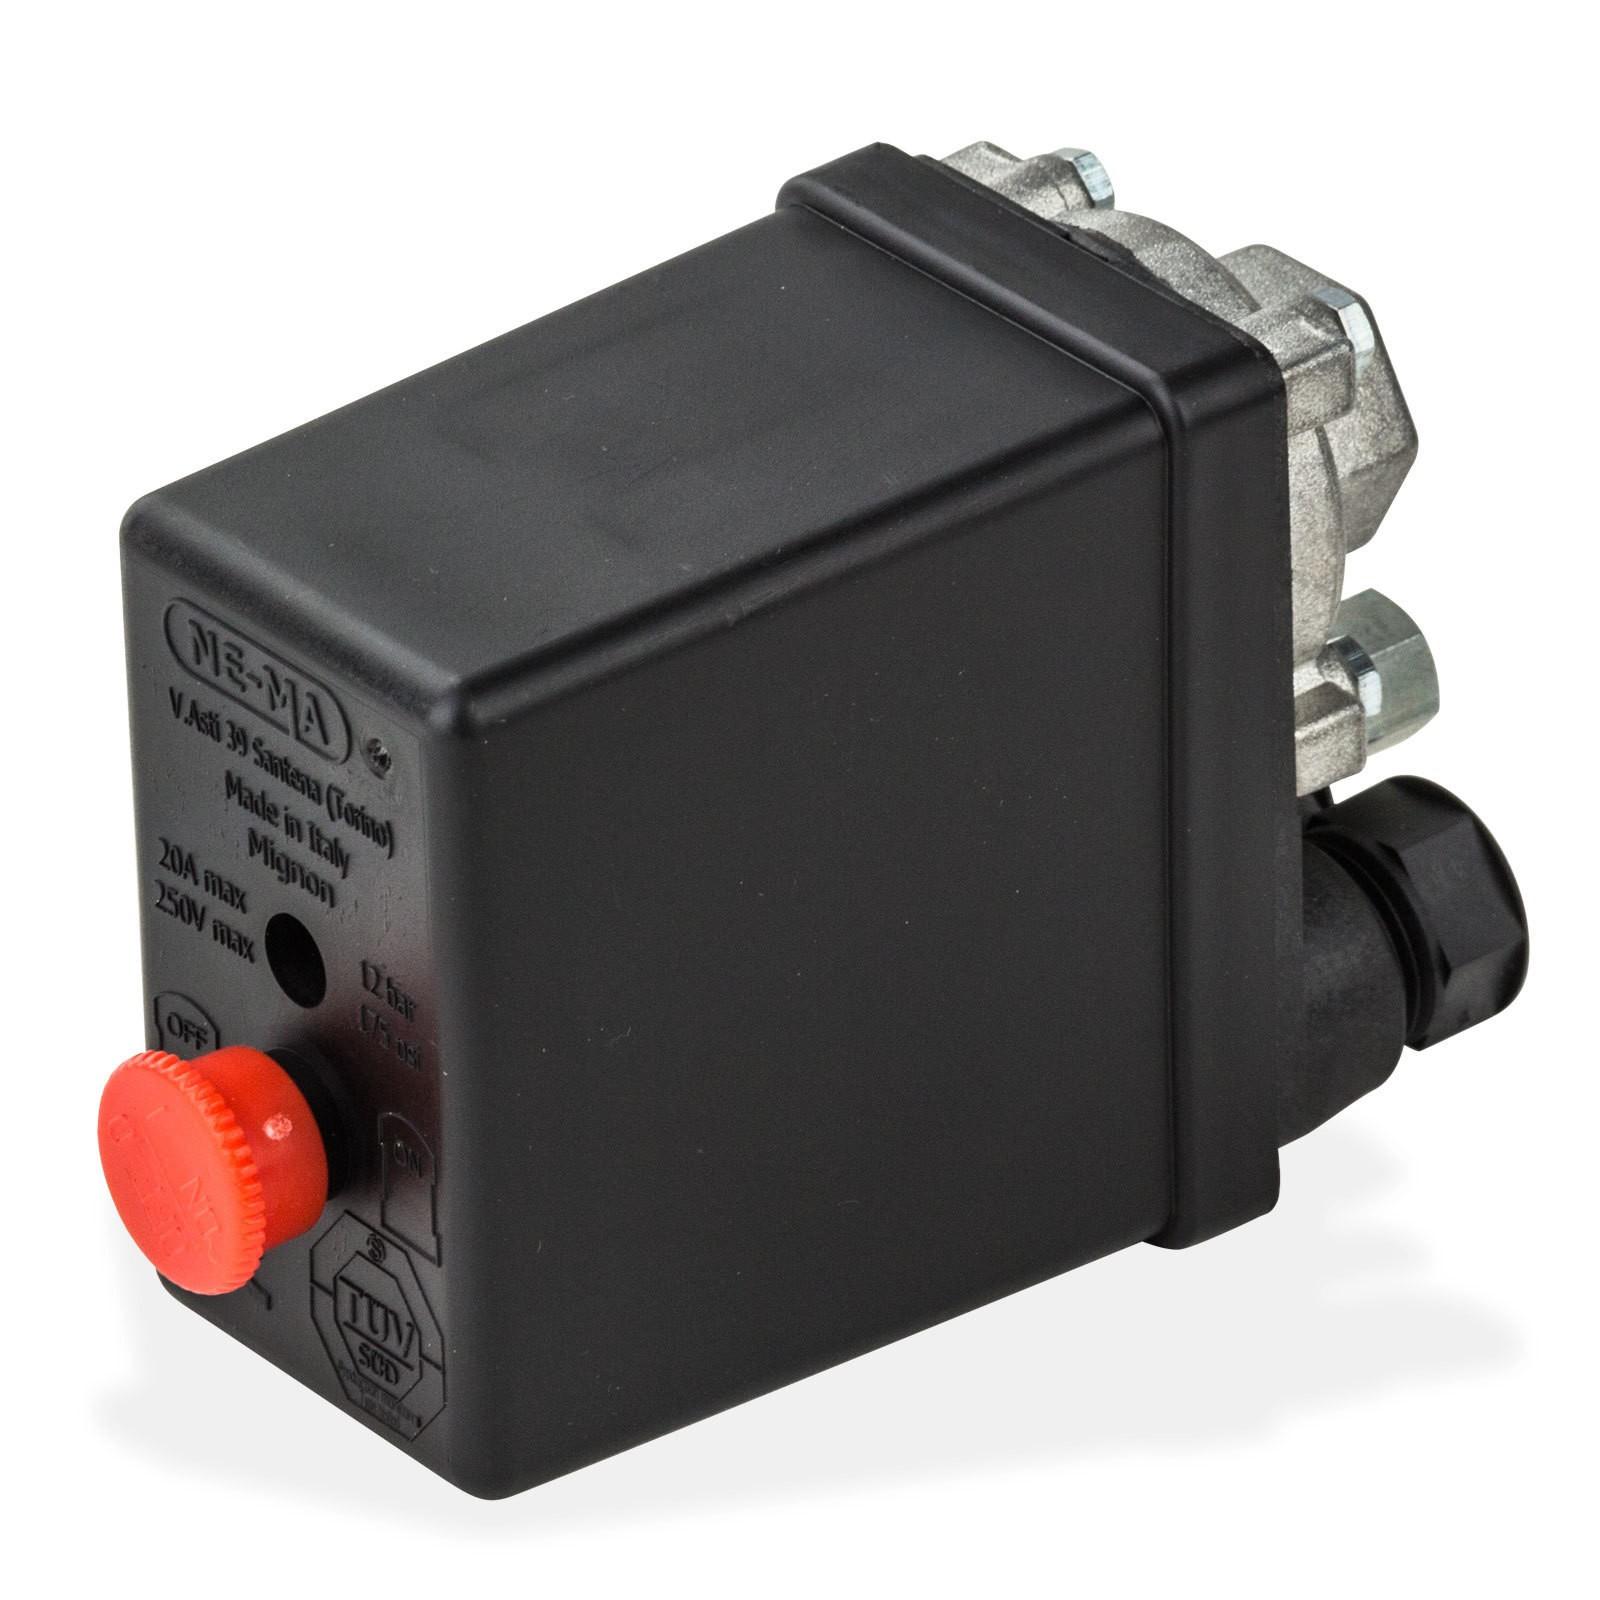 Dema Membran Druckschalter 230 V / 1 ZA21003